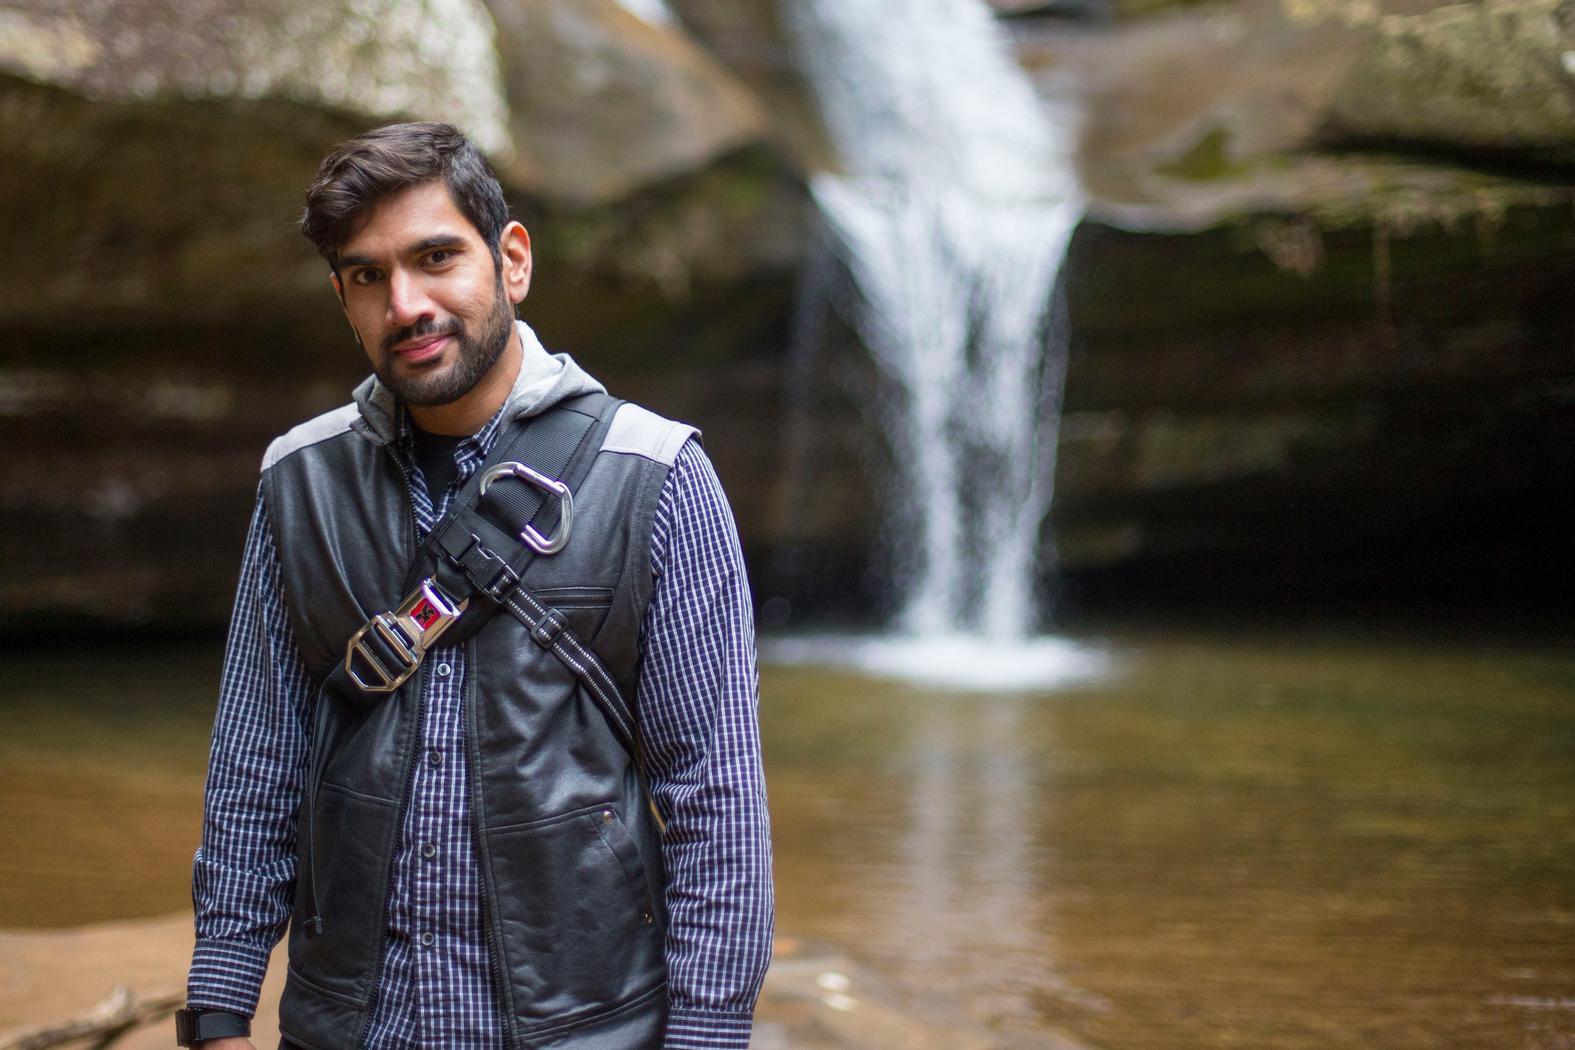 Shawn Ahmed